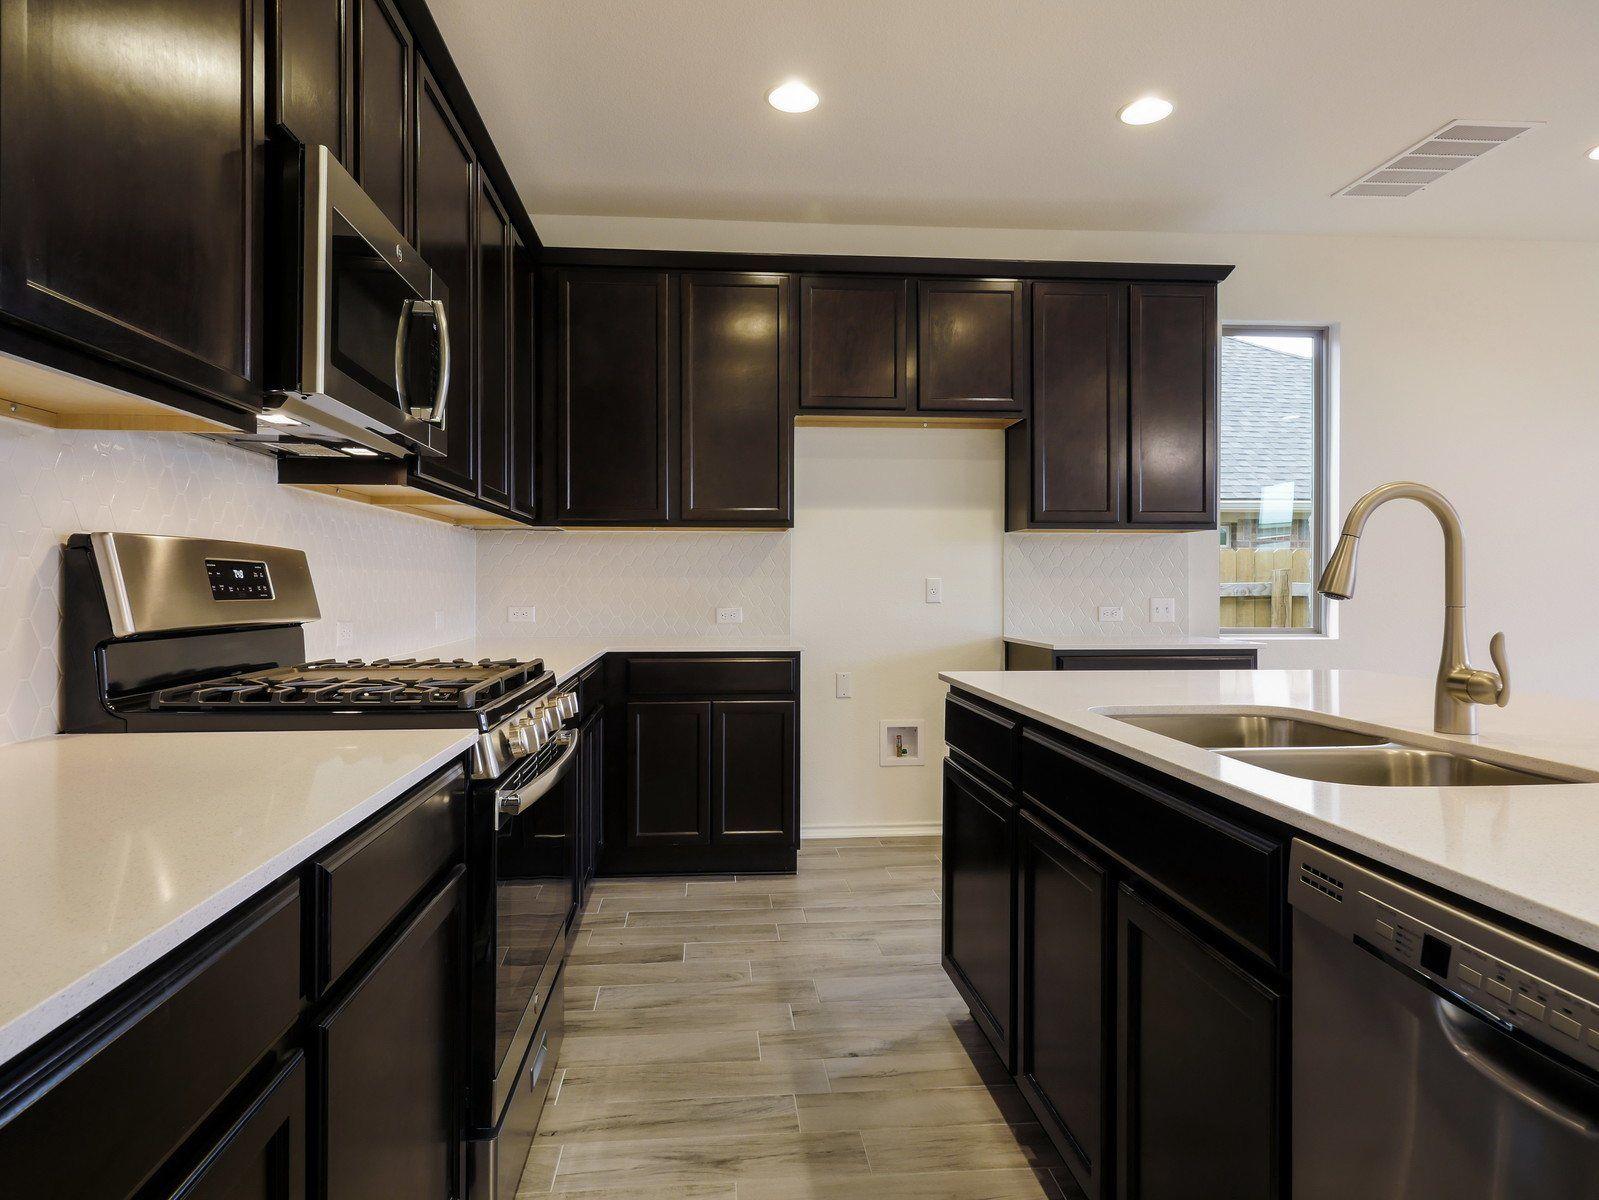 Kitchen-in-Triton-at-Carmel Creek - 50's-in-Hutto